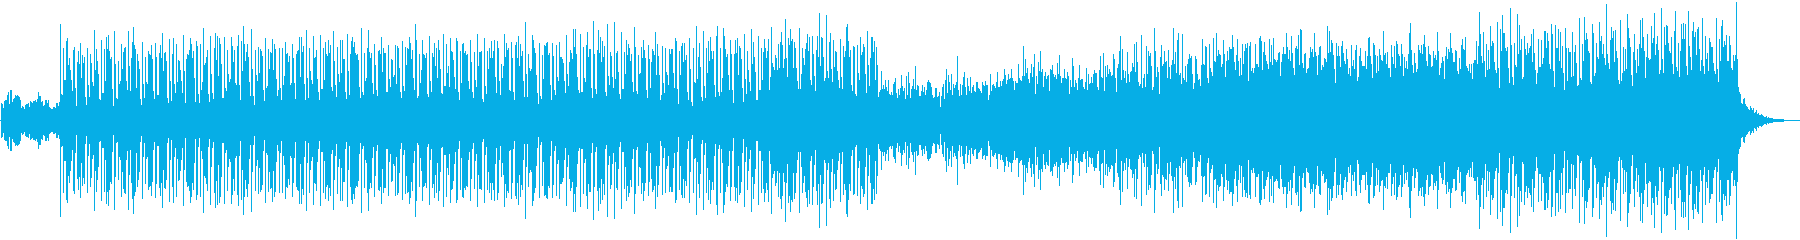 追跡シーン、対決シーン向けのテクノ の再生済みの波形